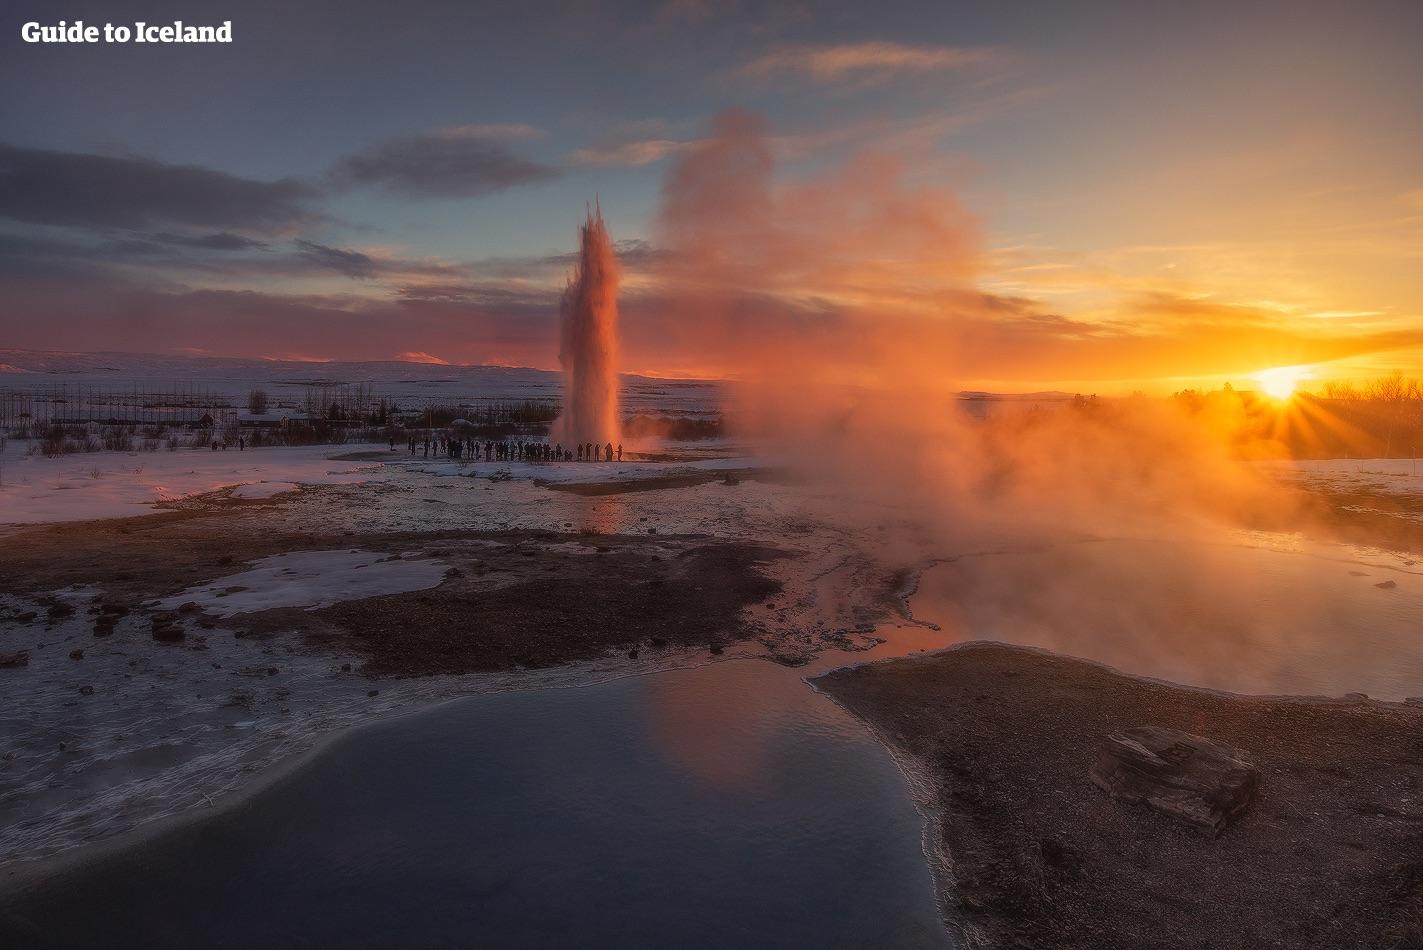 아이슬란드 게이시르 지열지대를 잠깐 방문해 아름다운 땅거미를 선물해 주고 가는 겨울의 태양.